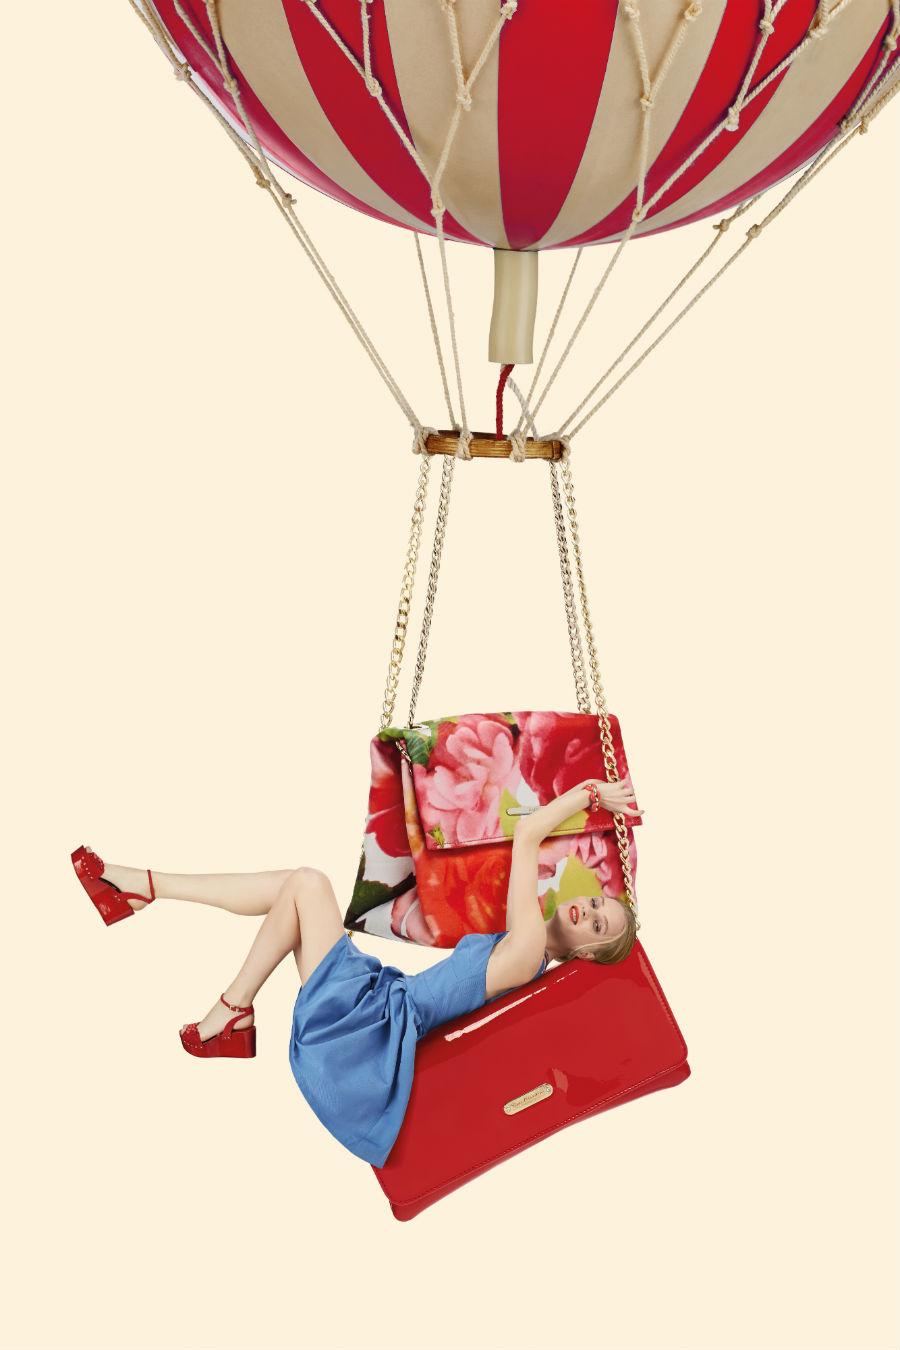 Giovanni Gastel - immagine di una mongolfiera dalla quale rimane appesa una ragazza in abito di jeans